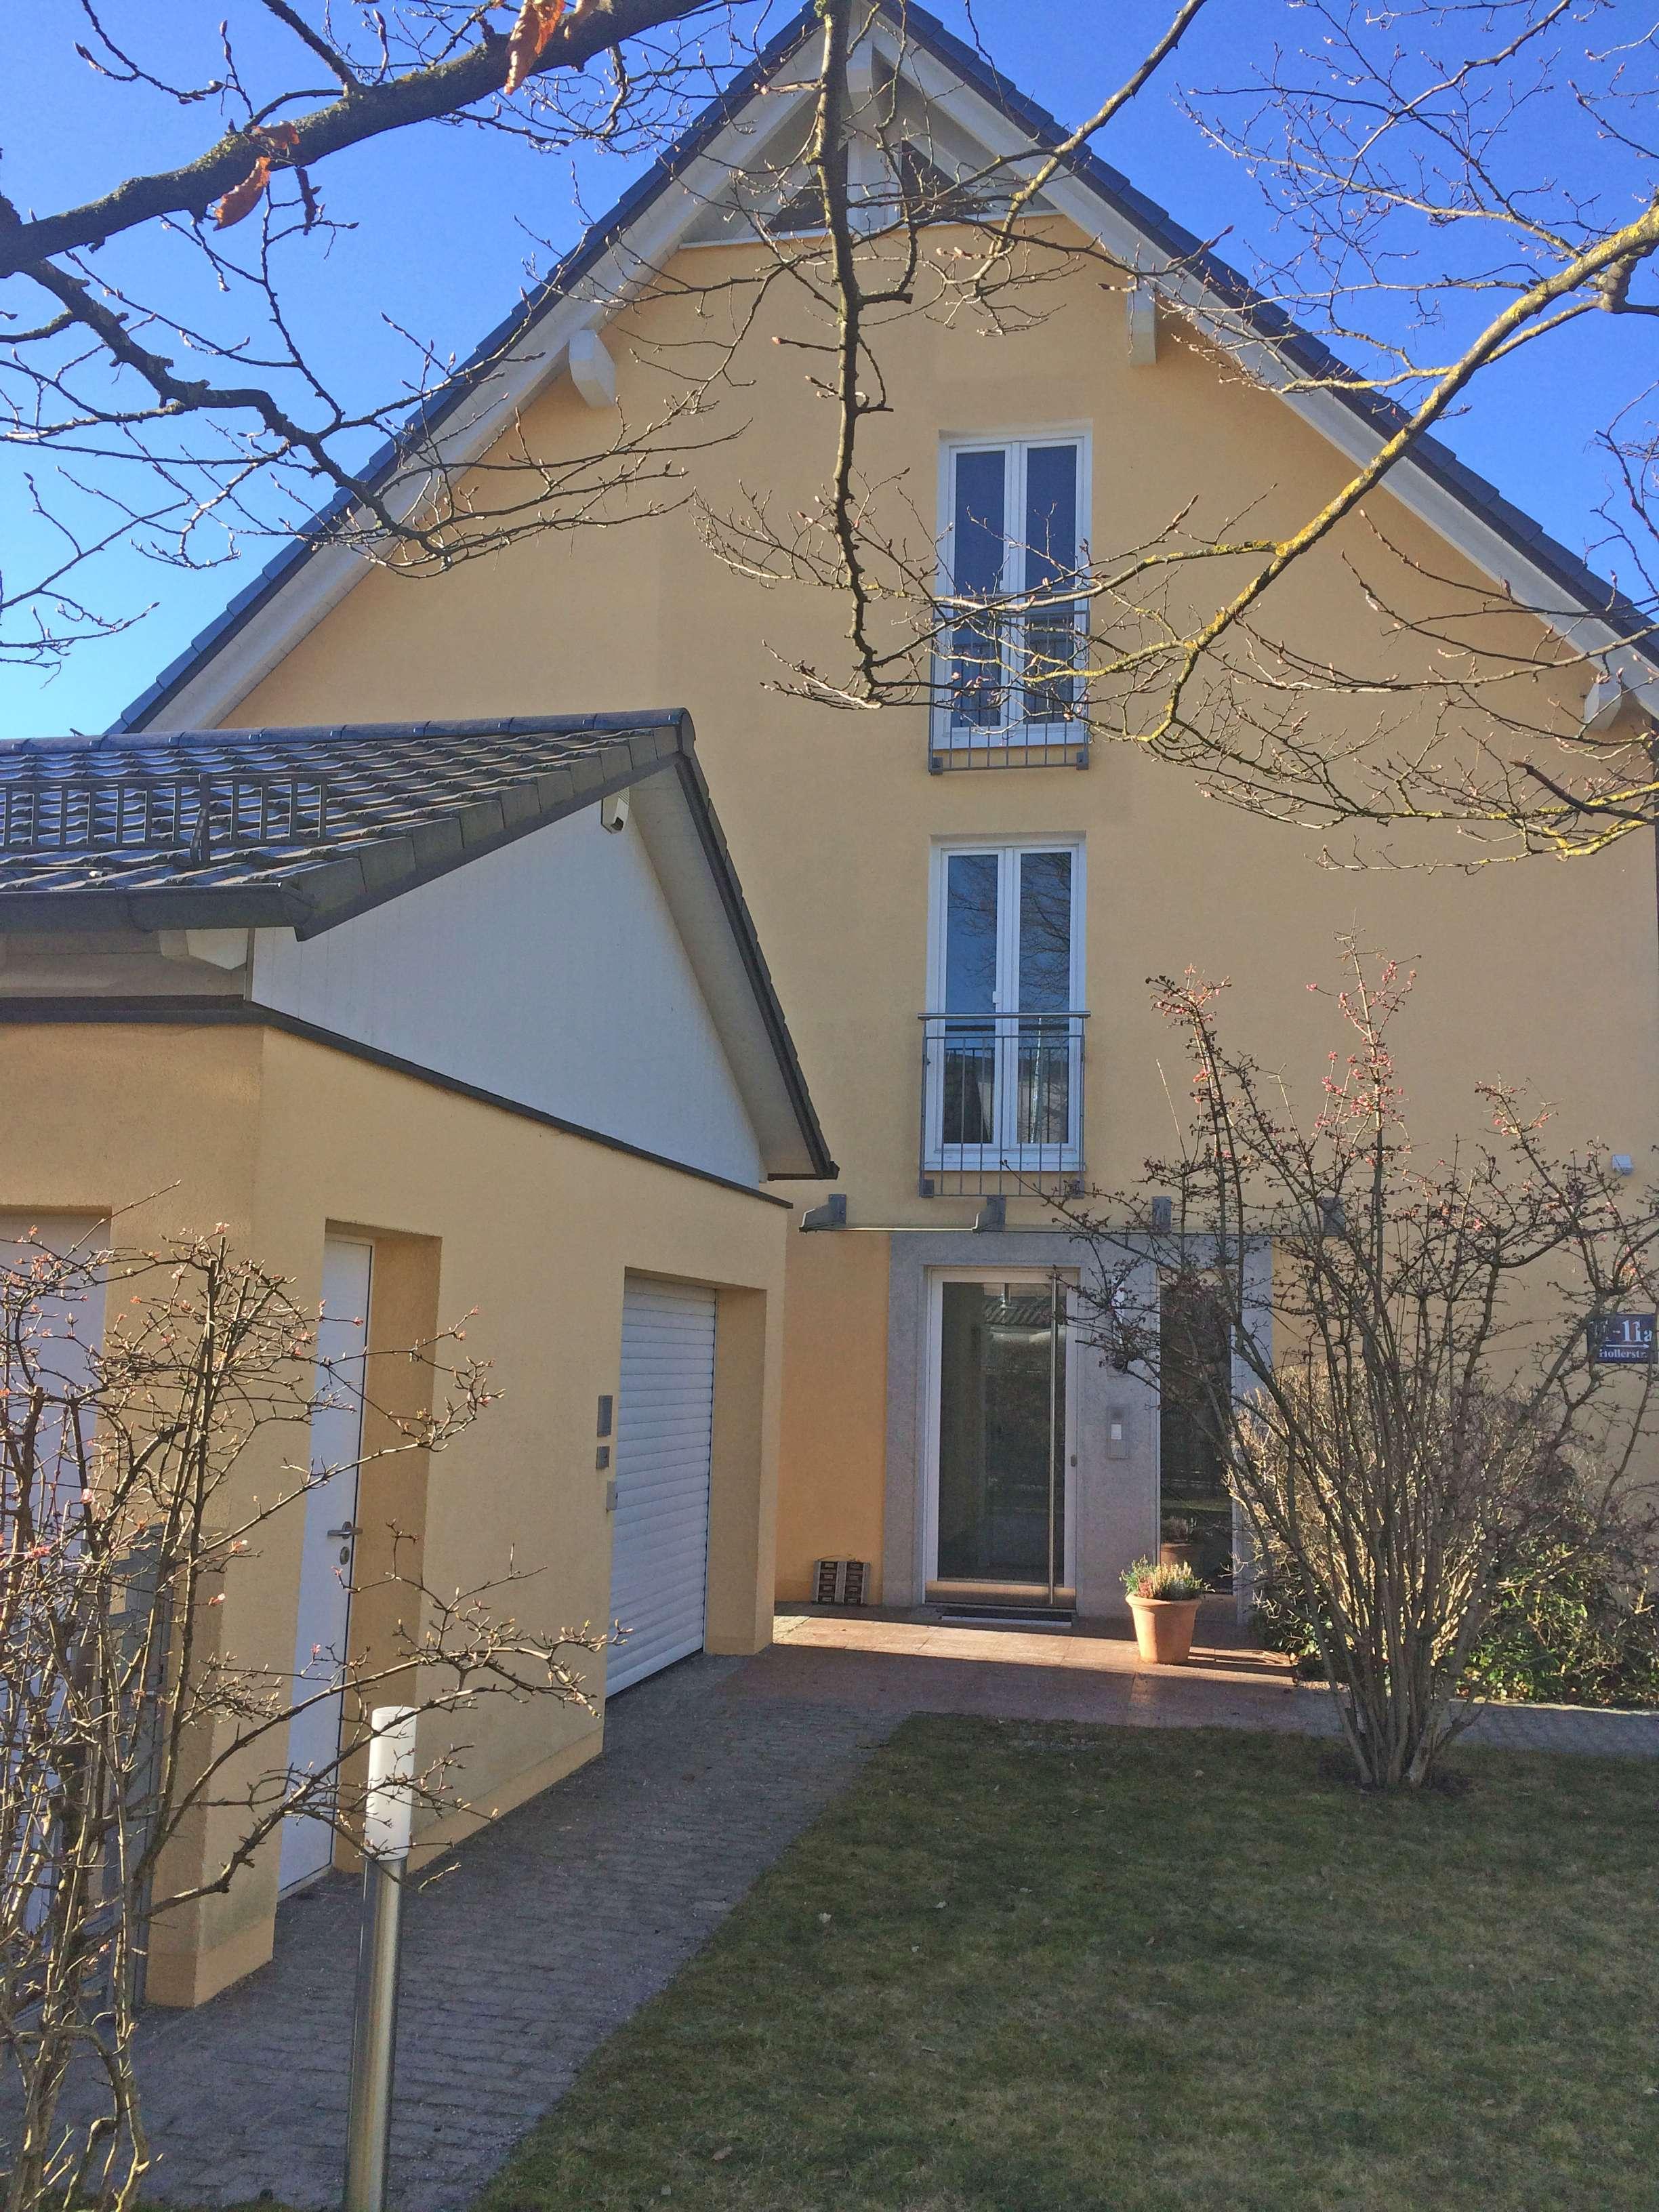 Wunderschöne Dachgeschosswohnung mit Dachterrasse und Balkon in der Fasanerie in Feldmoching (München)